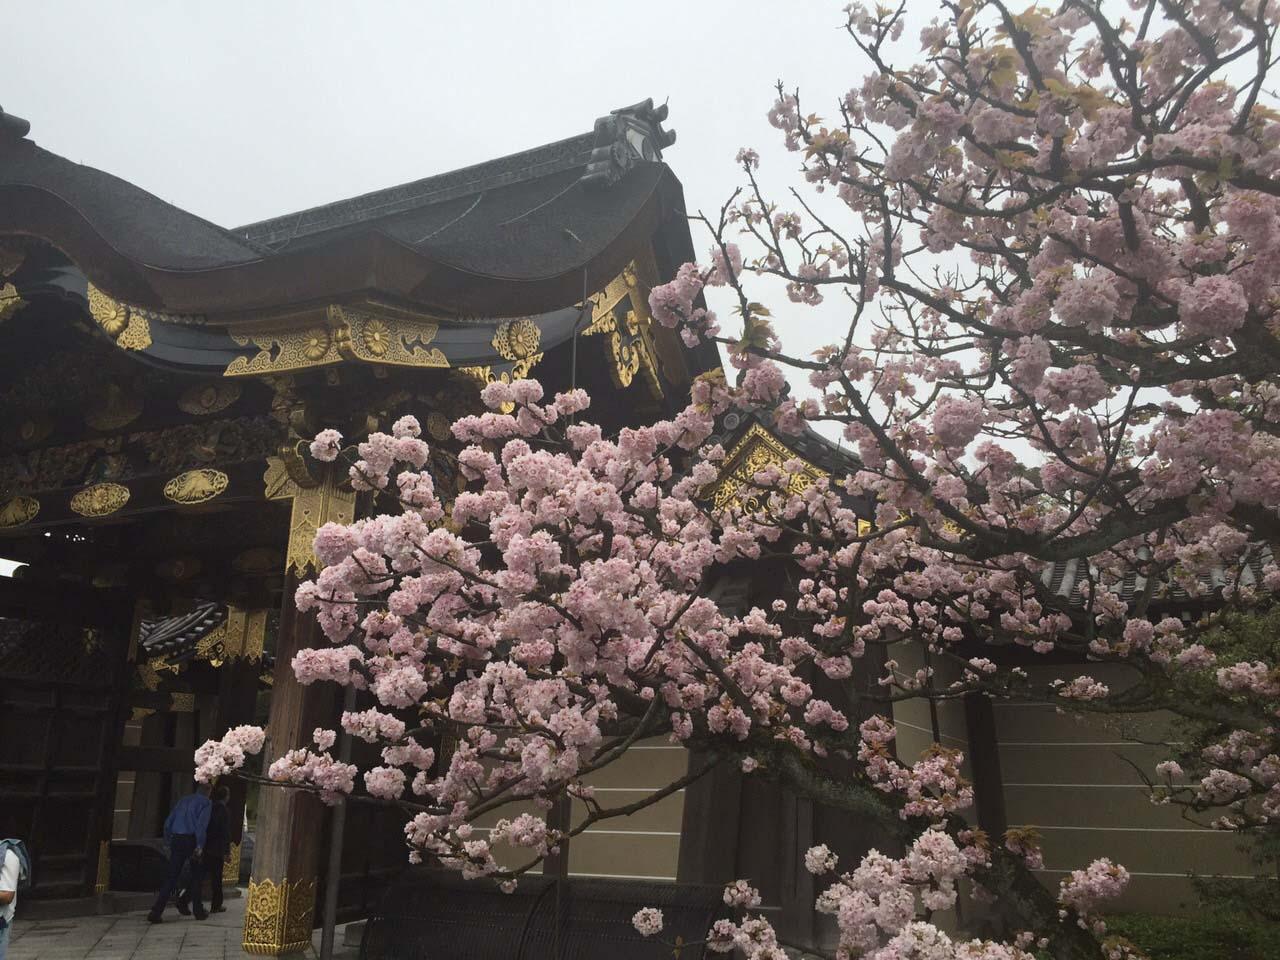 טיול עומק ליפן, כולל האי קיושו - טיול של פריחה, הרי געש, פסטיבל, היסטוריה ותרבות בארץ השמש העולה | טיולים מאורגנים | תמונה 51